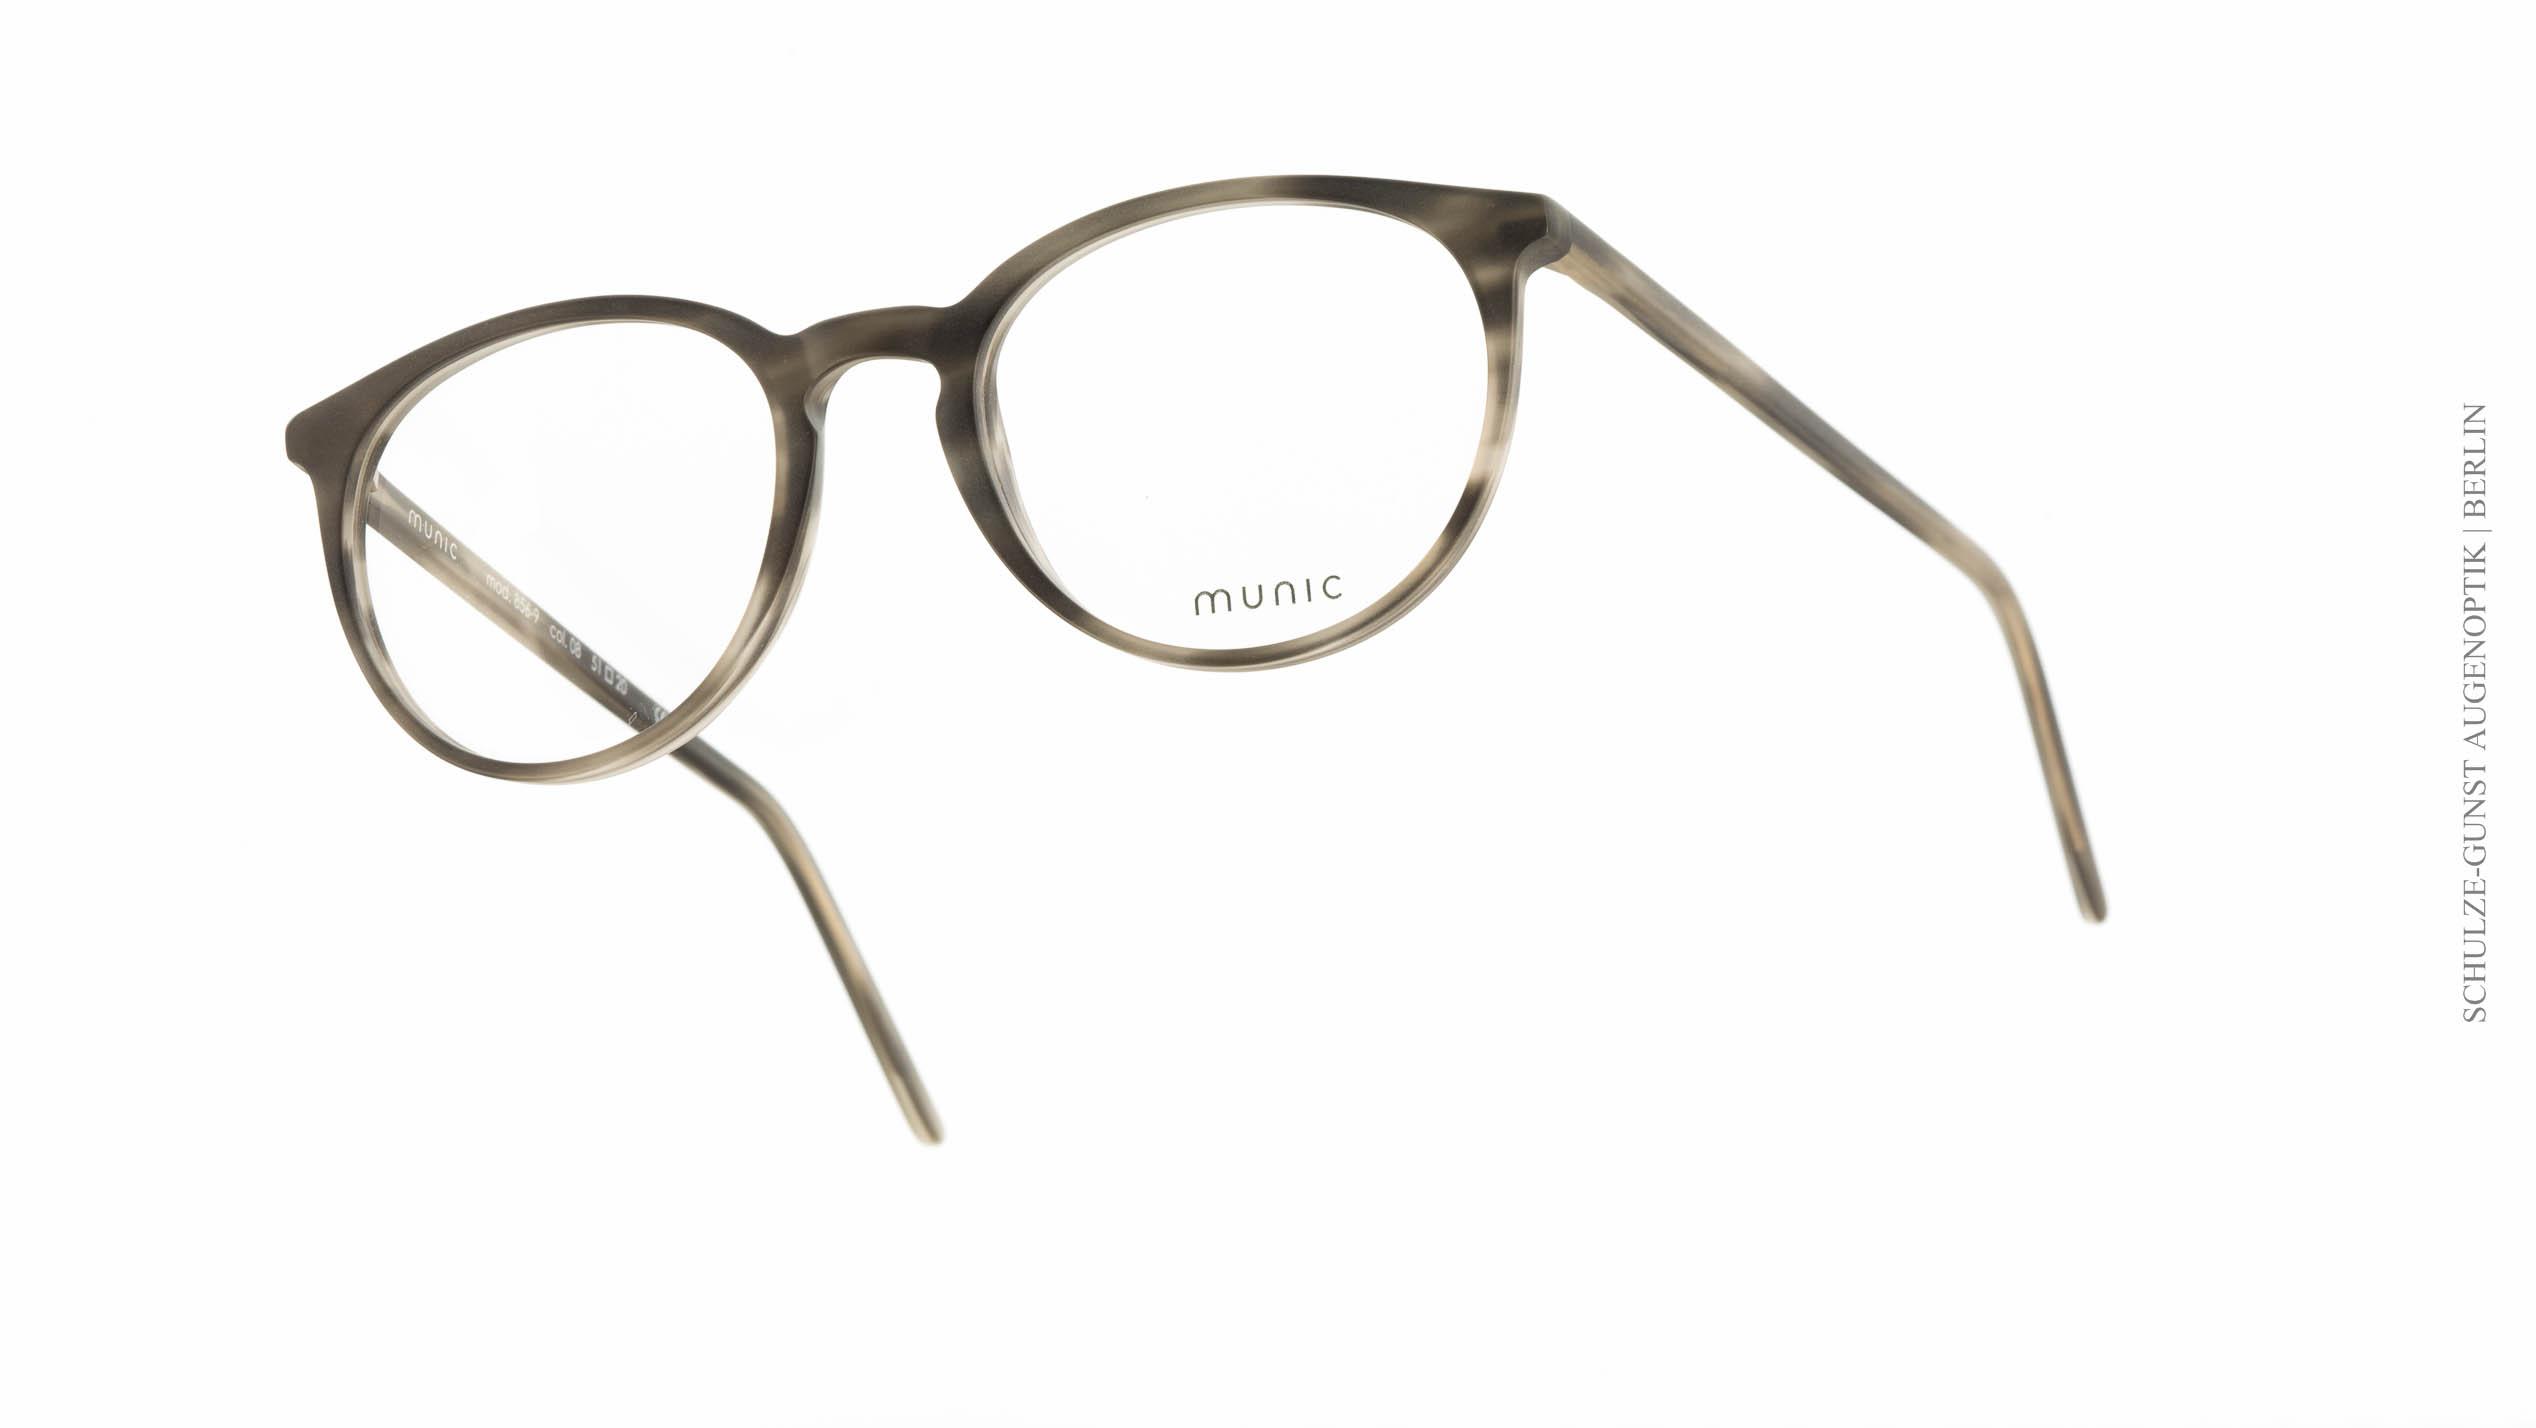 herrenbrille-vollrand Archive - SCHULZE-GUNST Augenoptik seit 1894